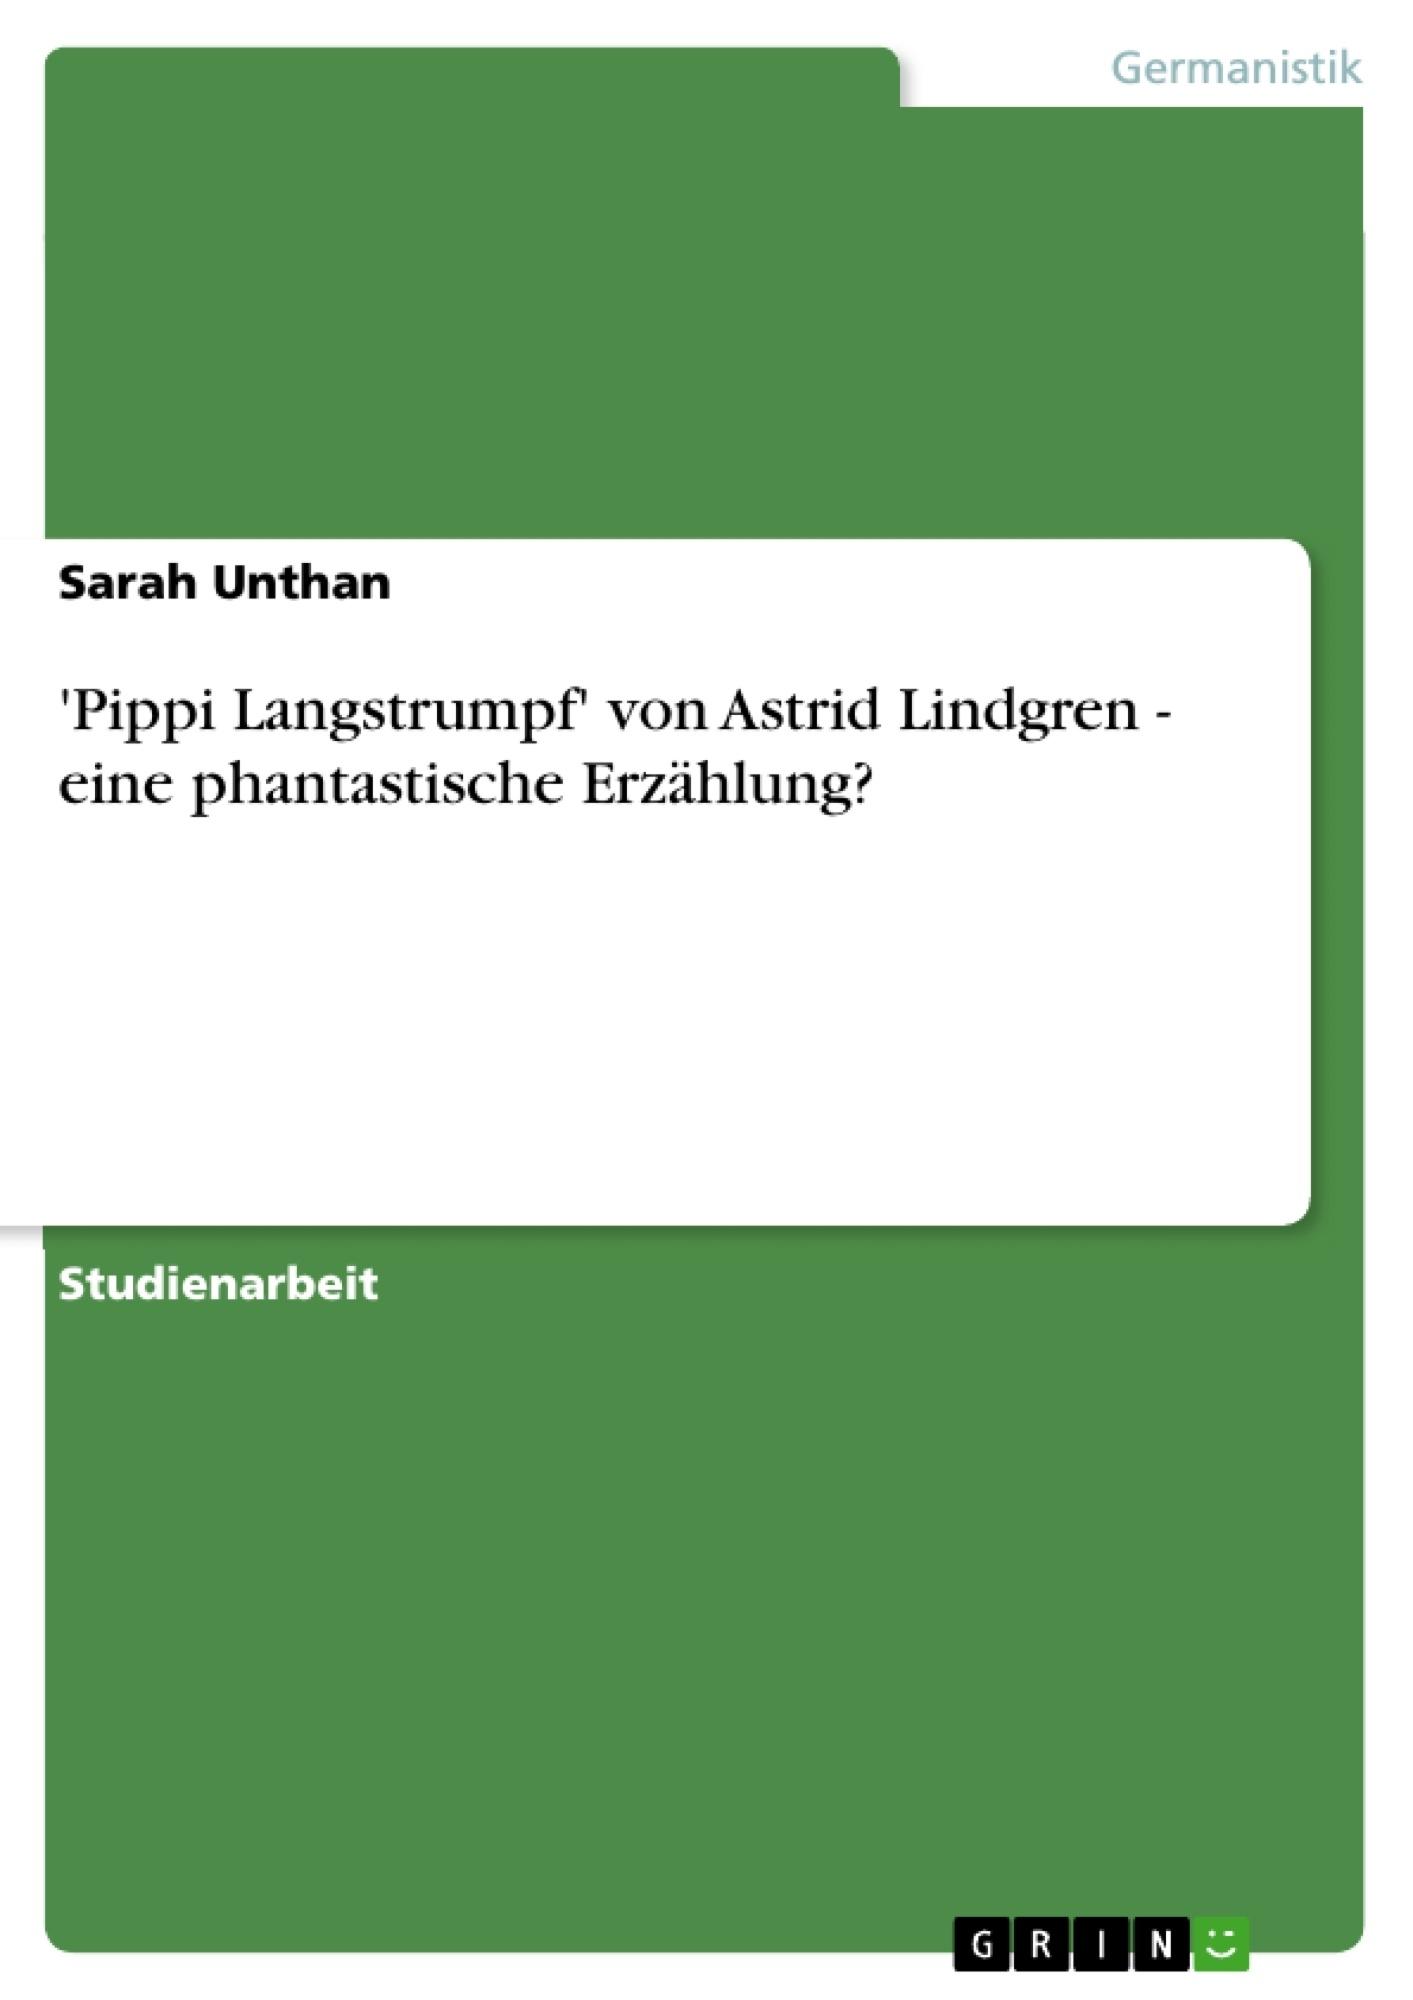 Titel: 'Pippi Langstrumpf' von Astrid Lindgren - eine phantastische Erzählung?